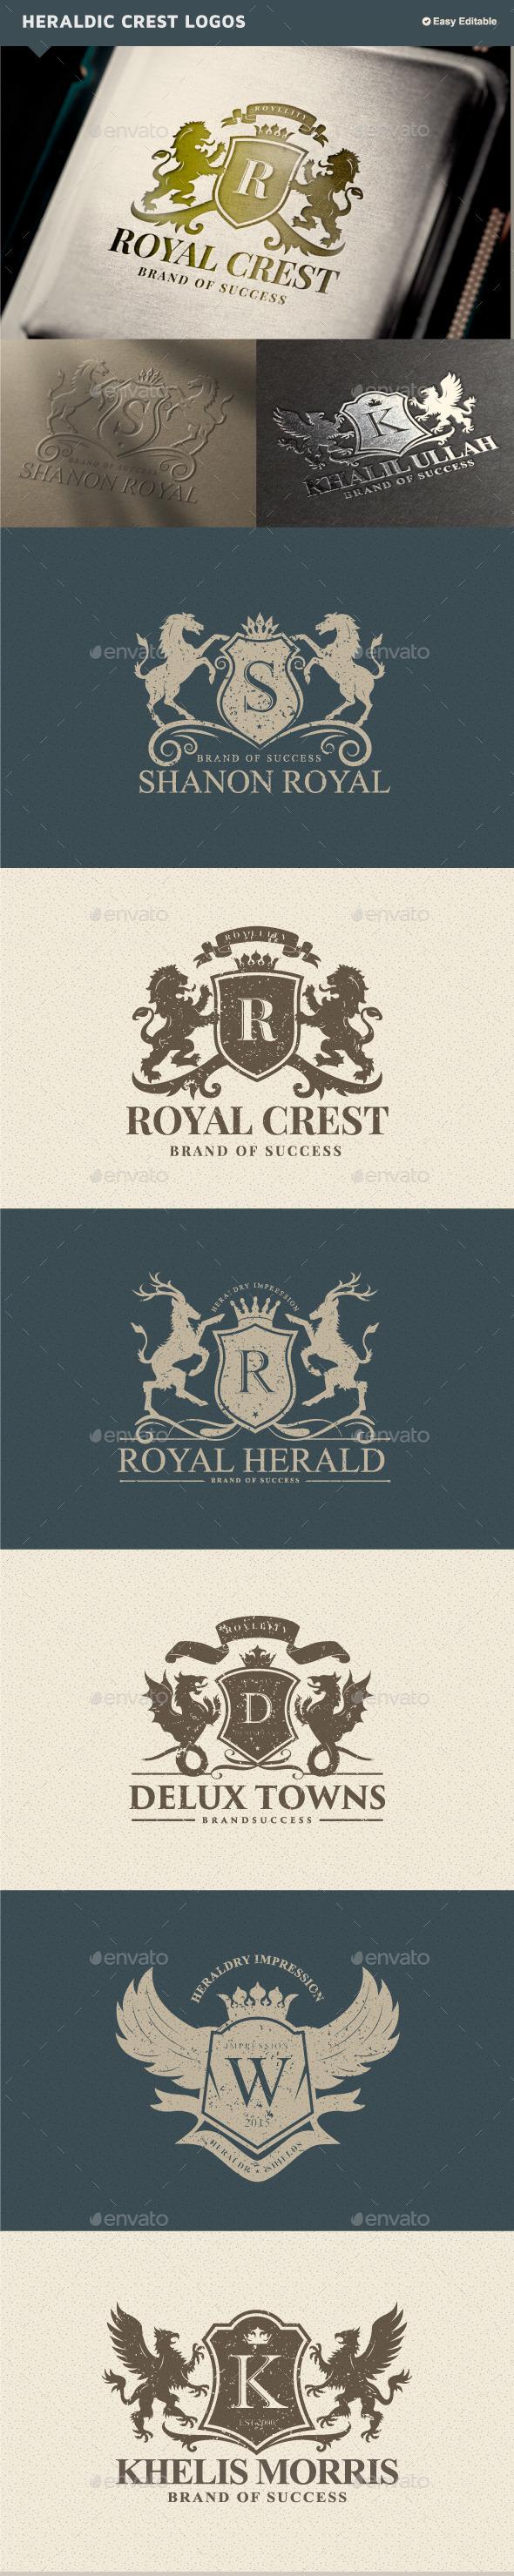 GraphicRiver Luxury Heraldic Crest Logos 11125655